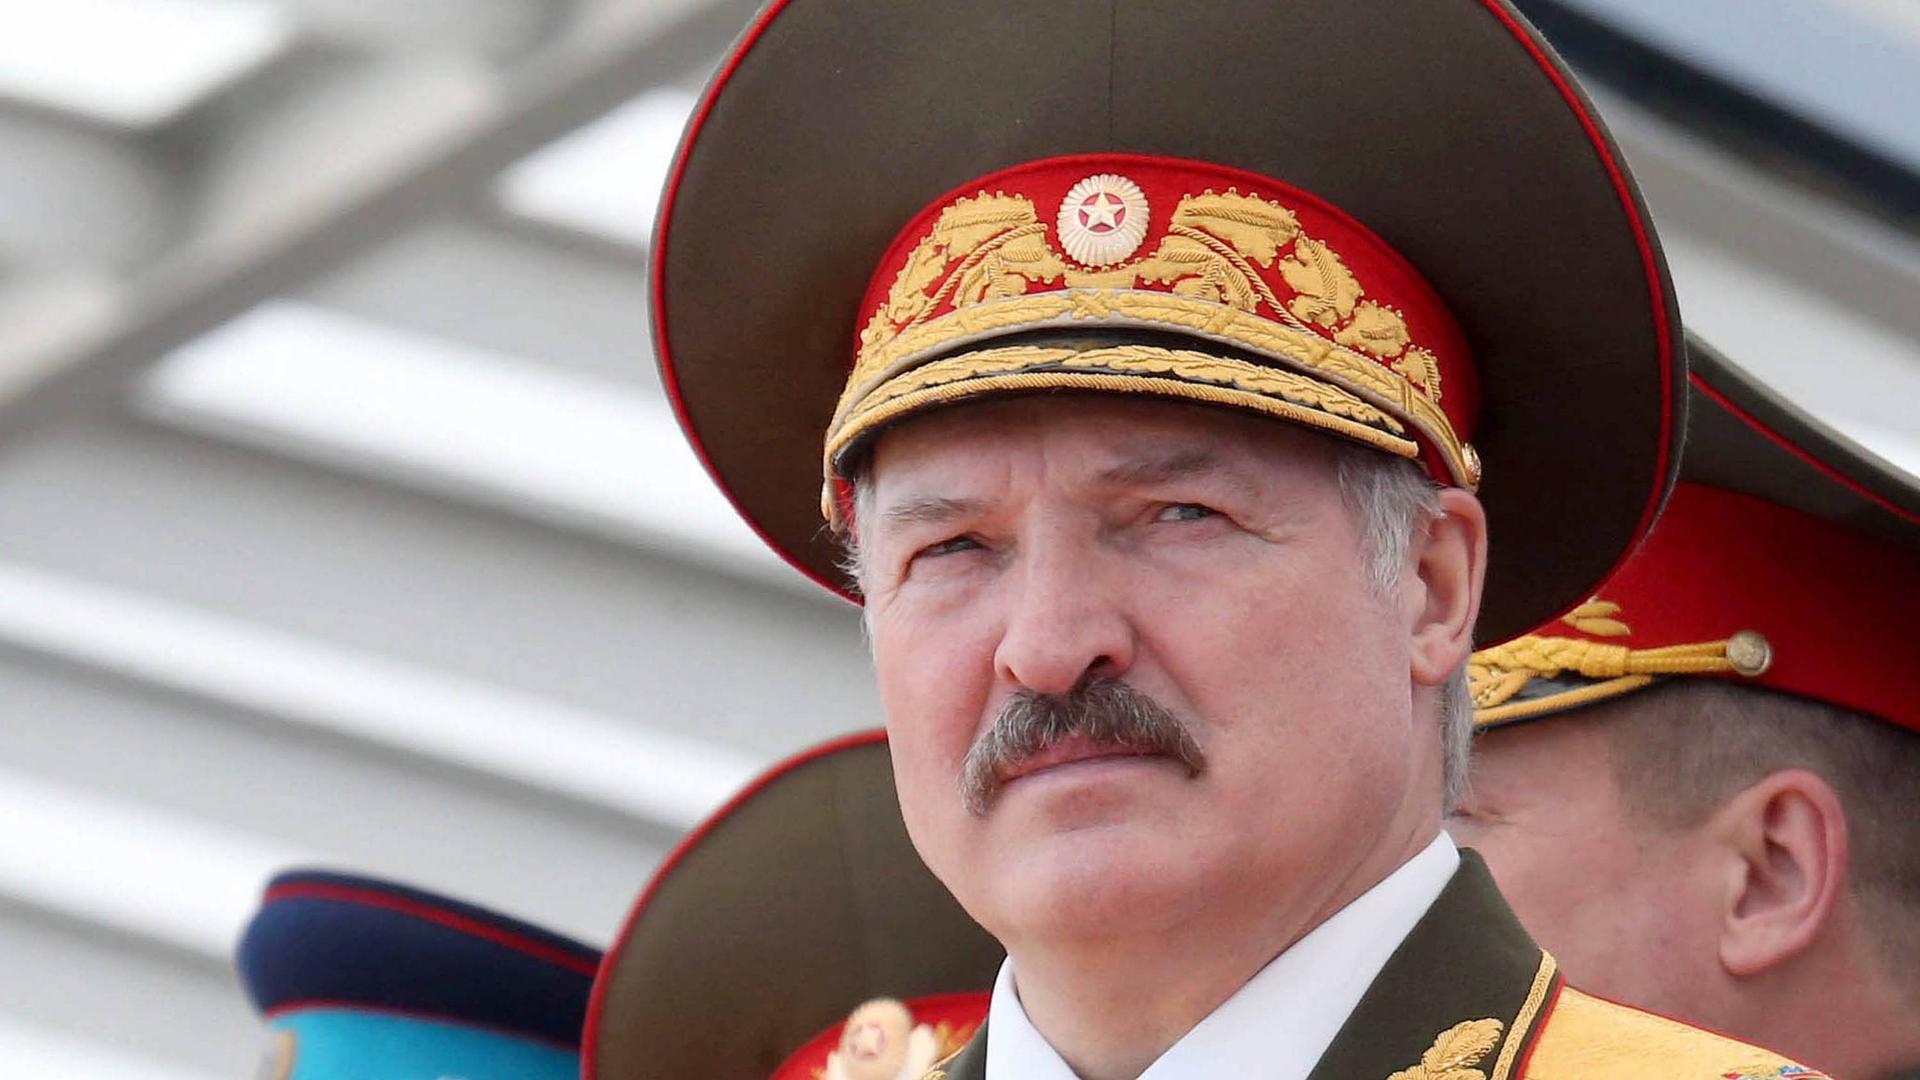 """Der weißrussische Herrscher Alexander Lukaschenko, im Westen gerne als """"letzter Diktator Europas"""" genannt, wird sich am Sonntag wohl zum sechsten Mal als Präsident wählen lassen. Vielleicht ist es aber das letzte Mal: Denn viele Weißrussen haben das """"Väterchen"""", wie sich der 65-Jährige gerne nennen lässt, gründlich satt."""